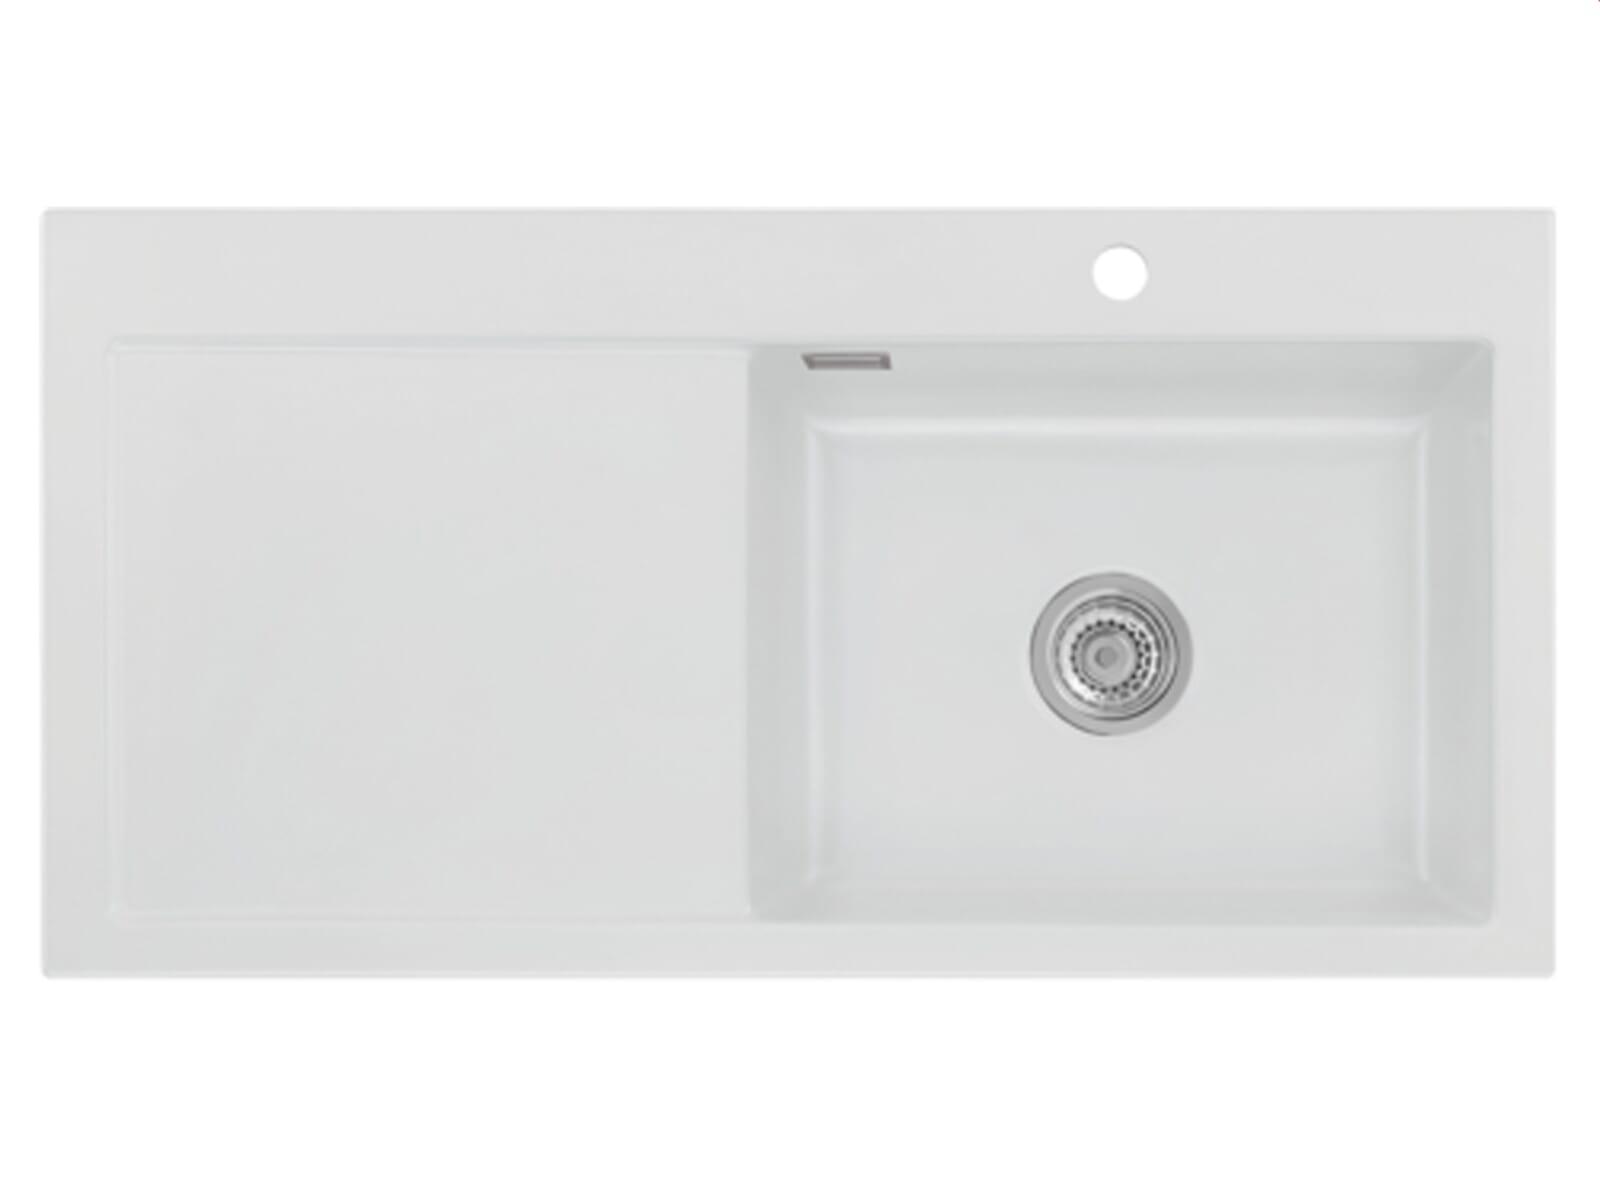 Systemceram Mera 100 SL Satin Keramikspüle Handbetätigung